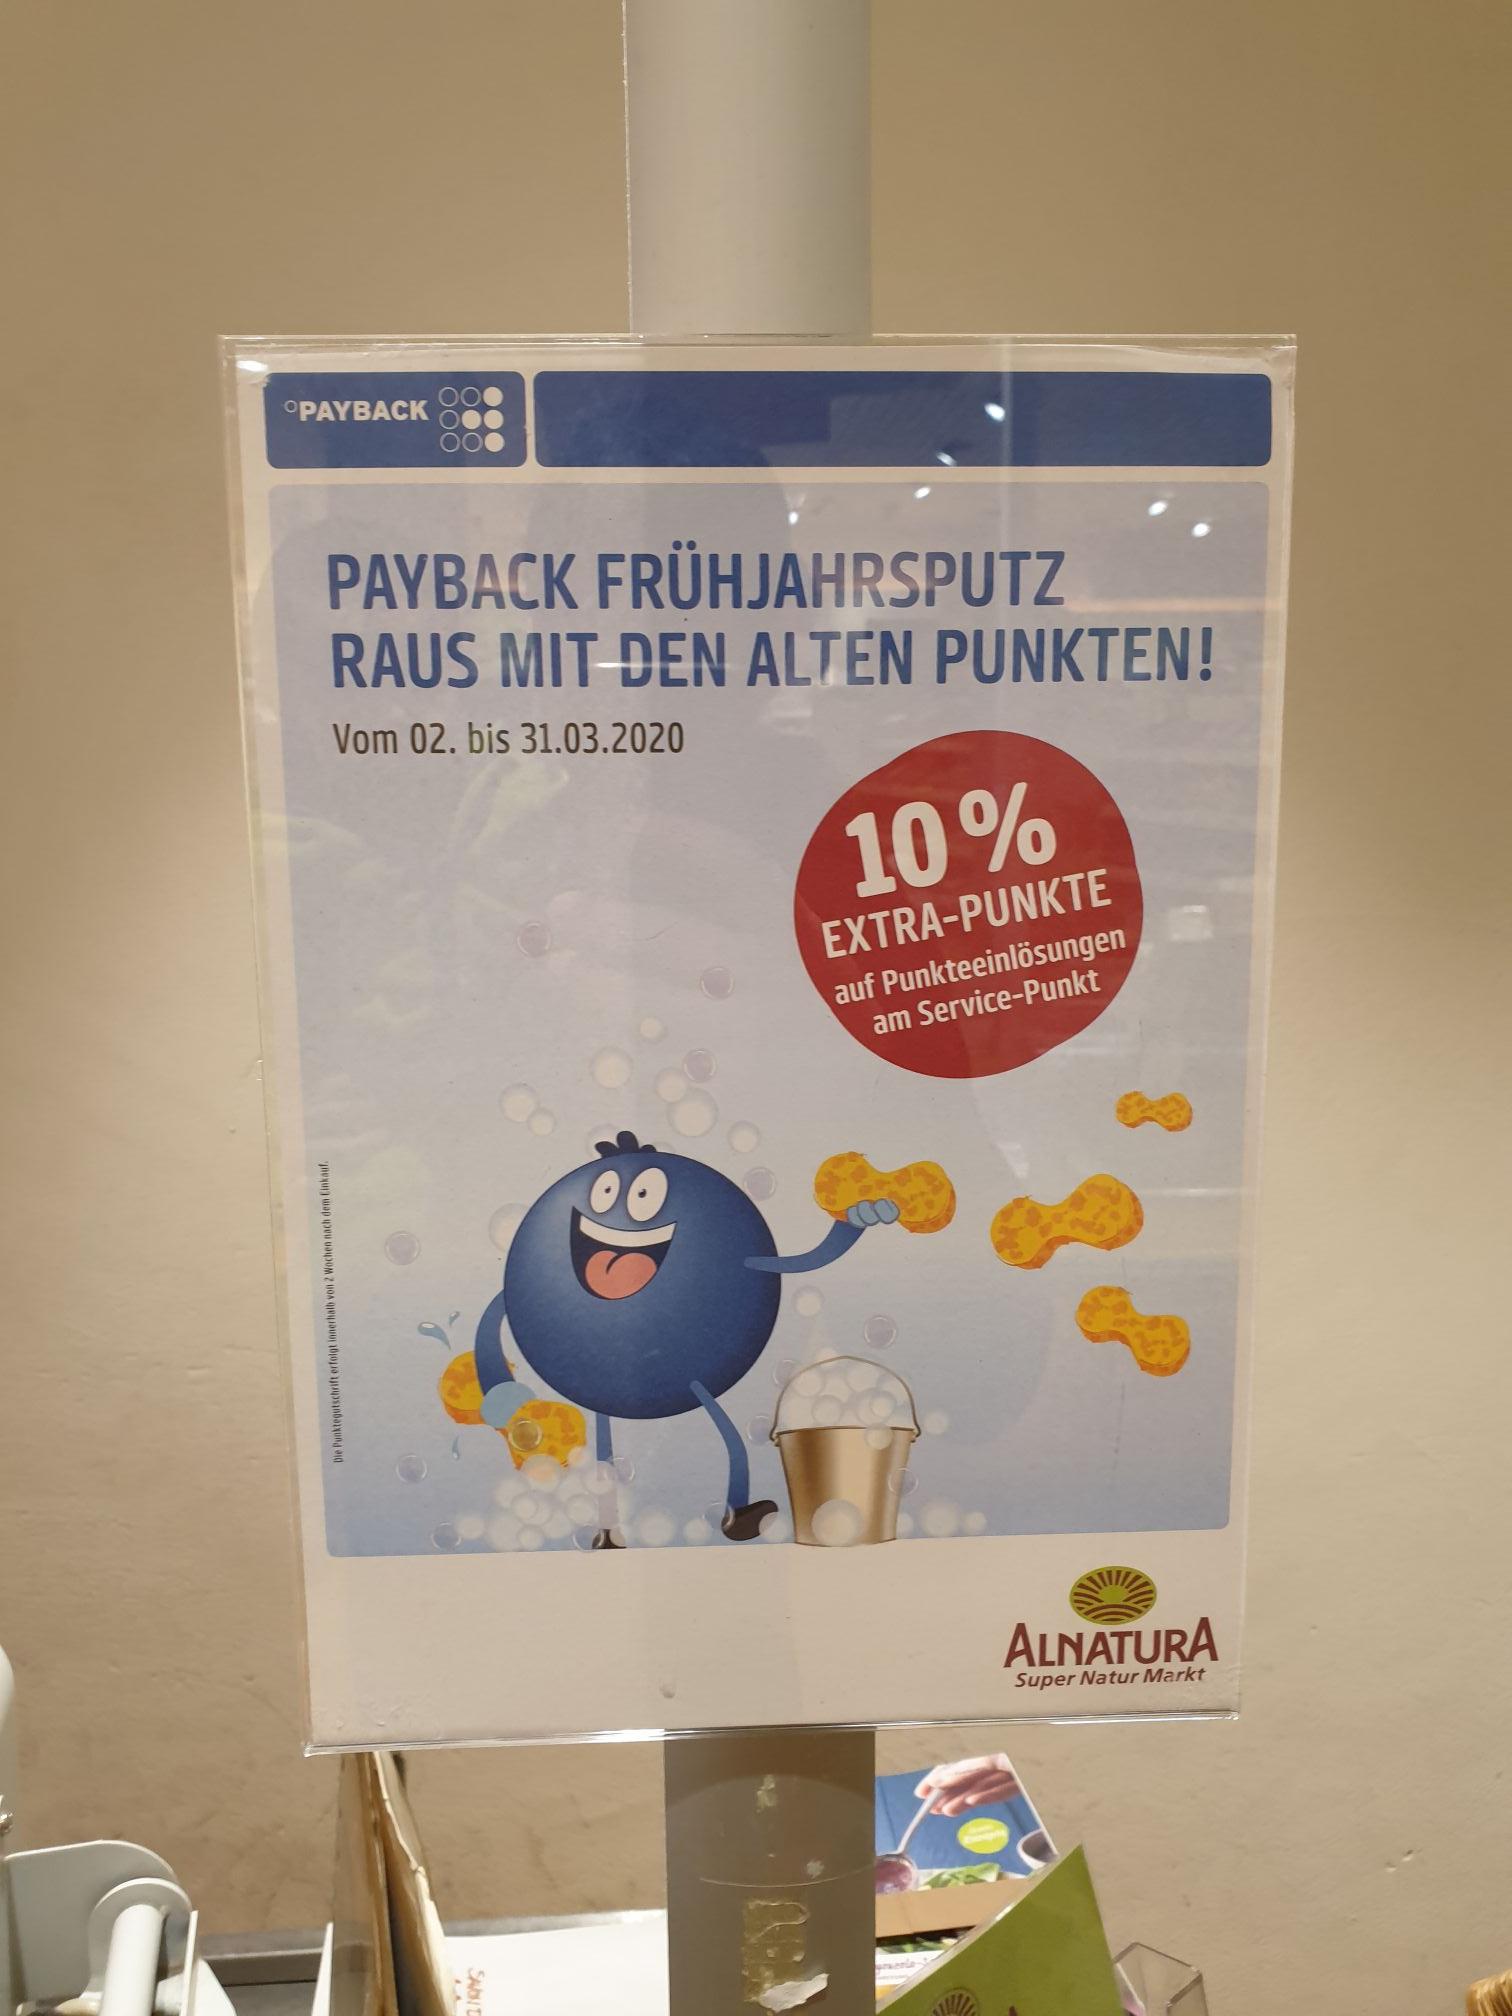 10% Extra Punkte für die eingelösten Payback Punkte bei Alnatura